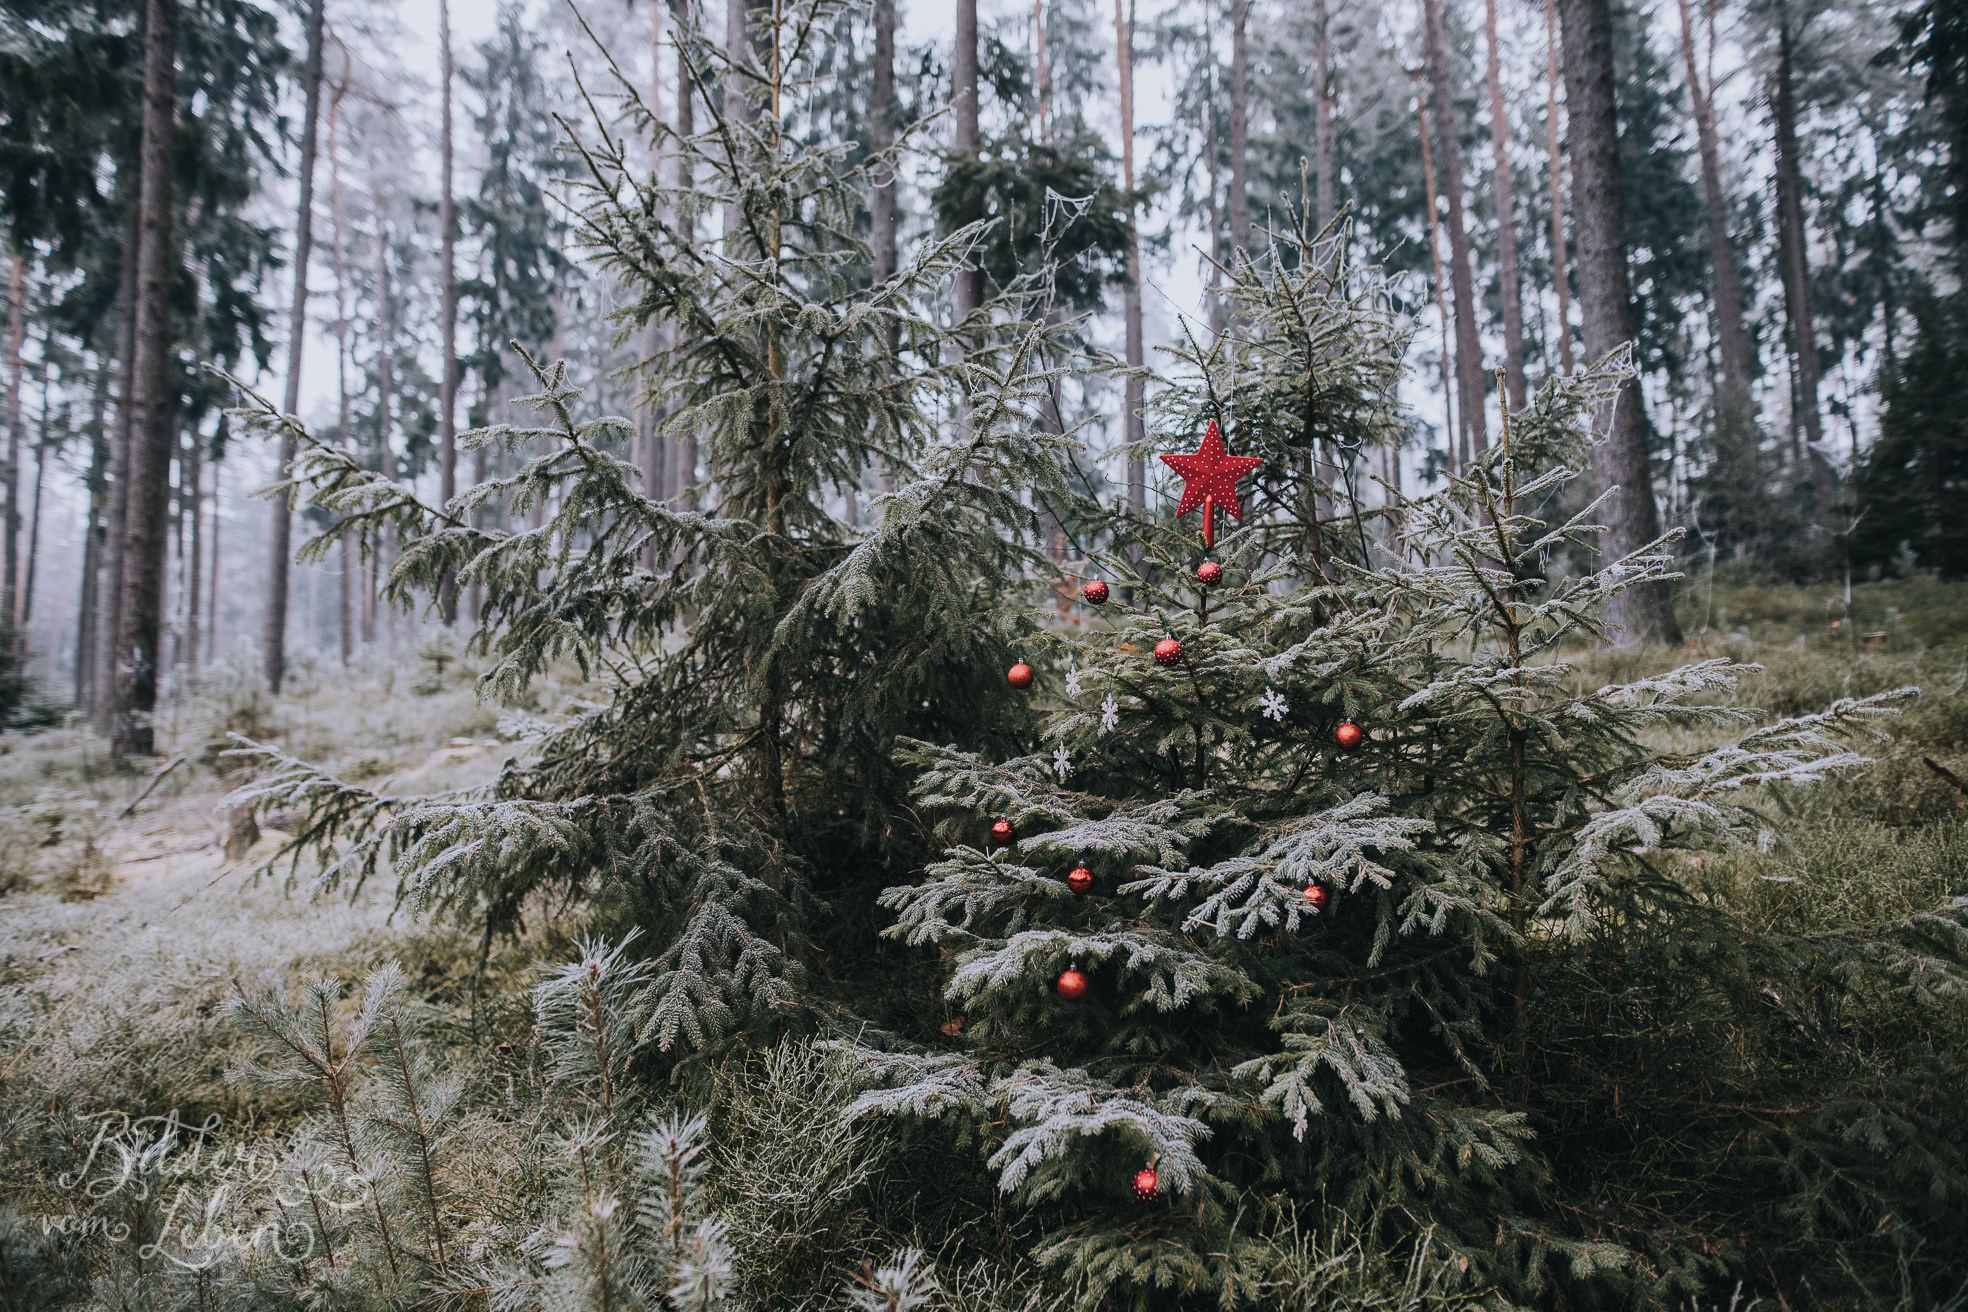 0049weihnachten-bildervomleben-imc39738